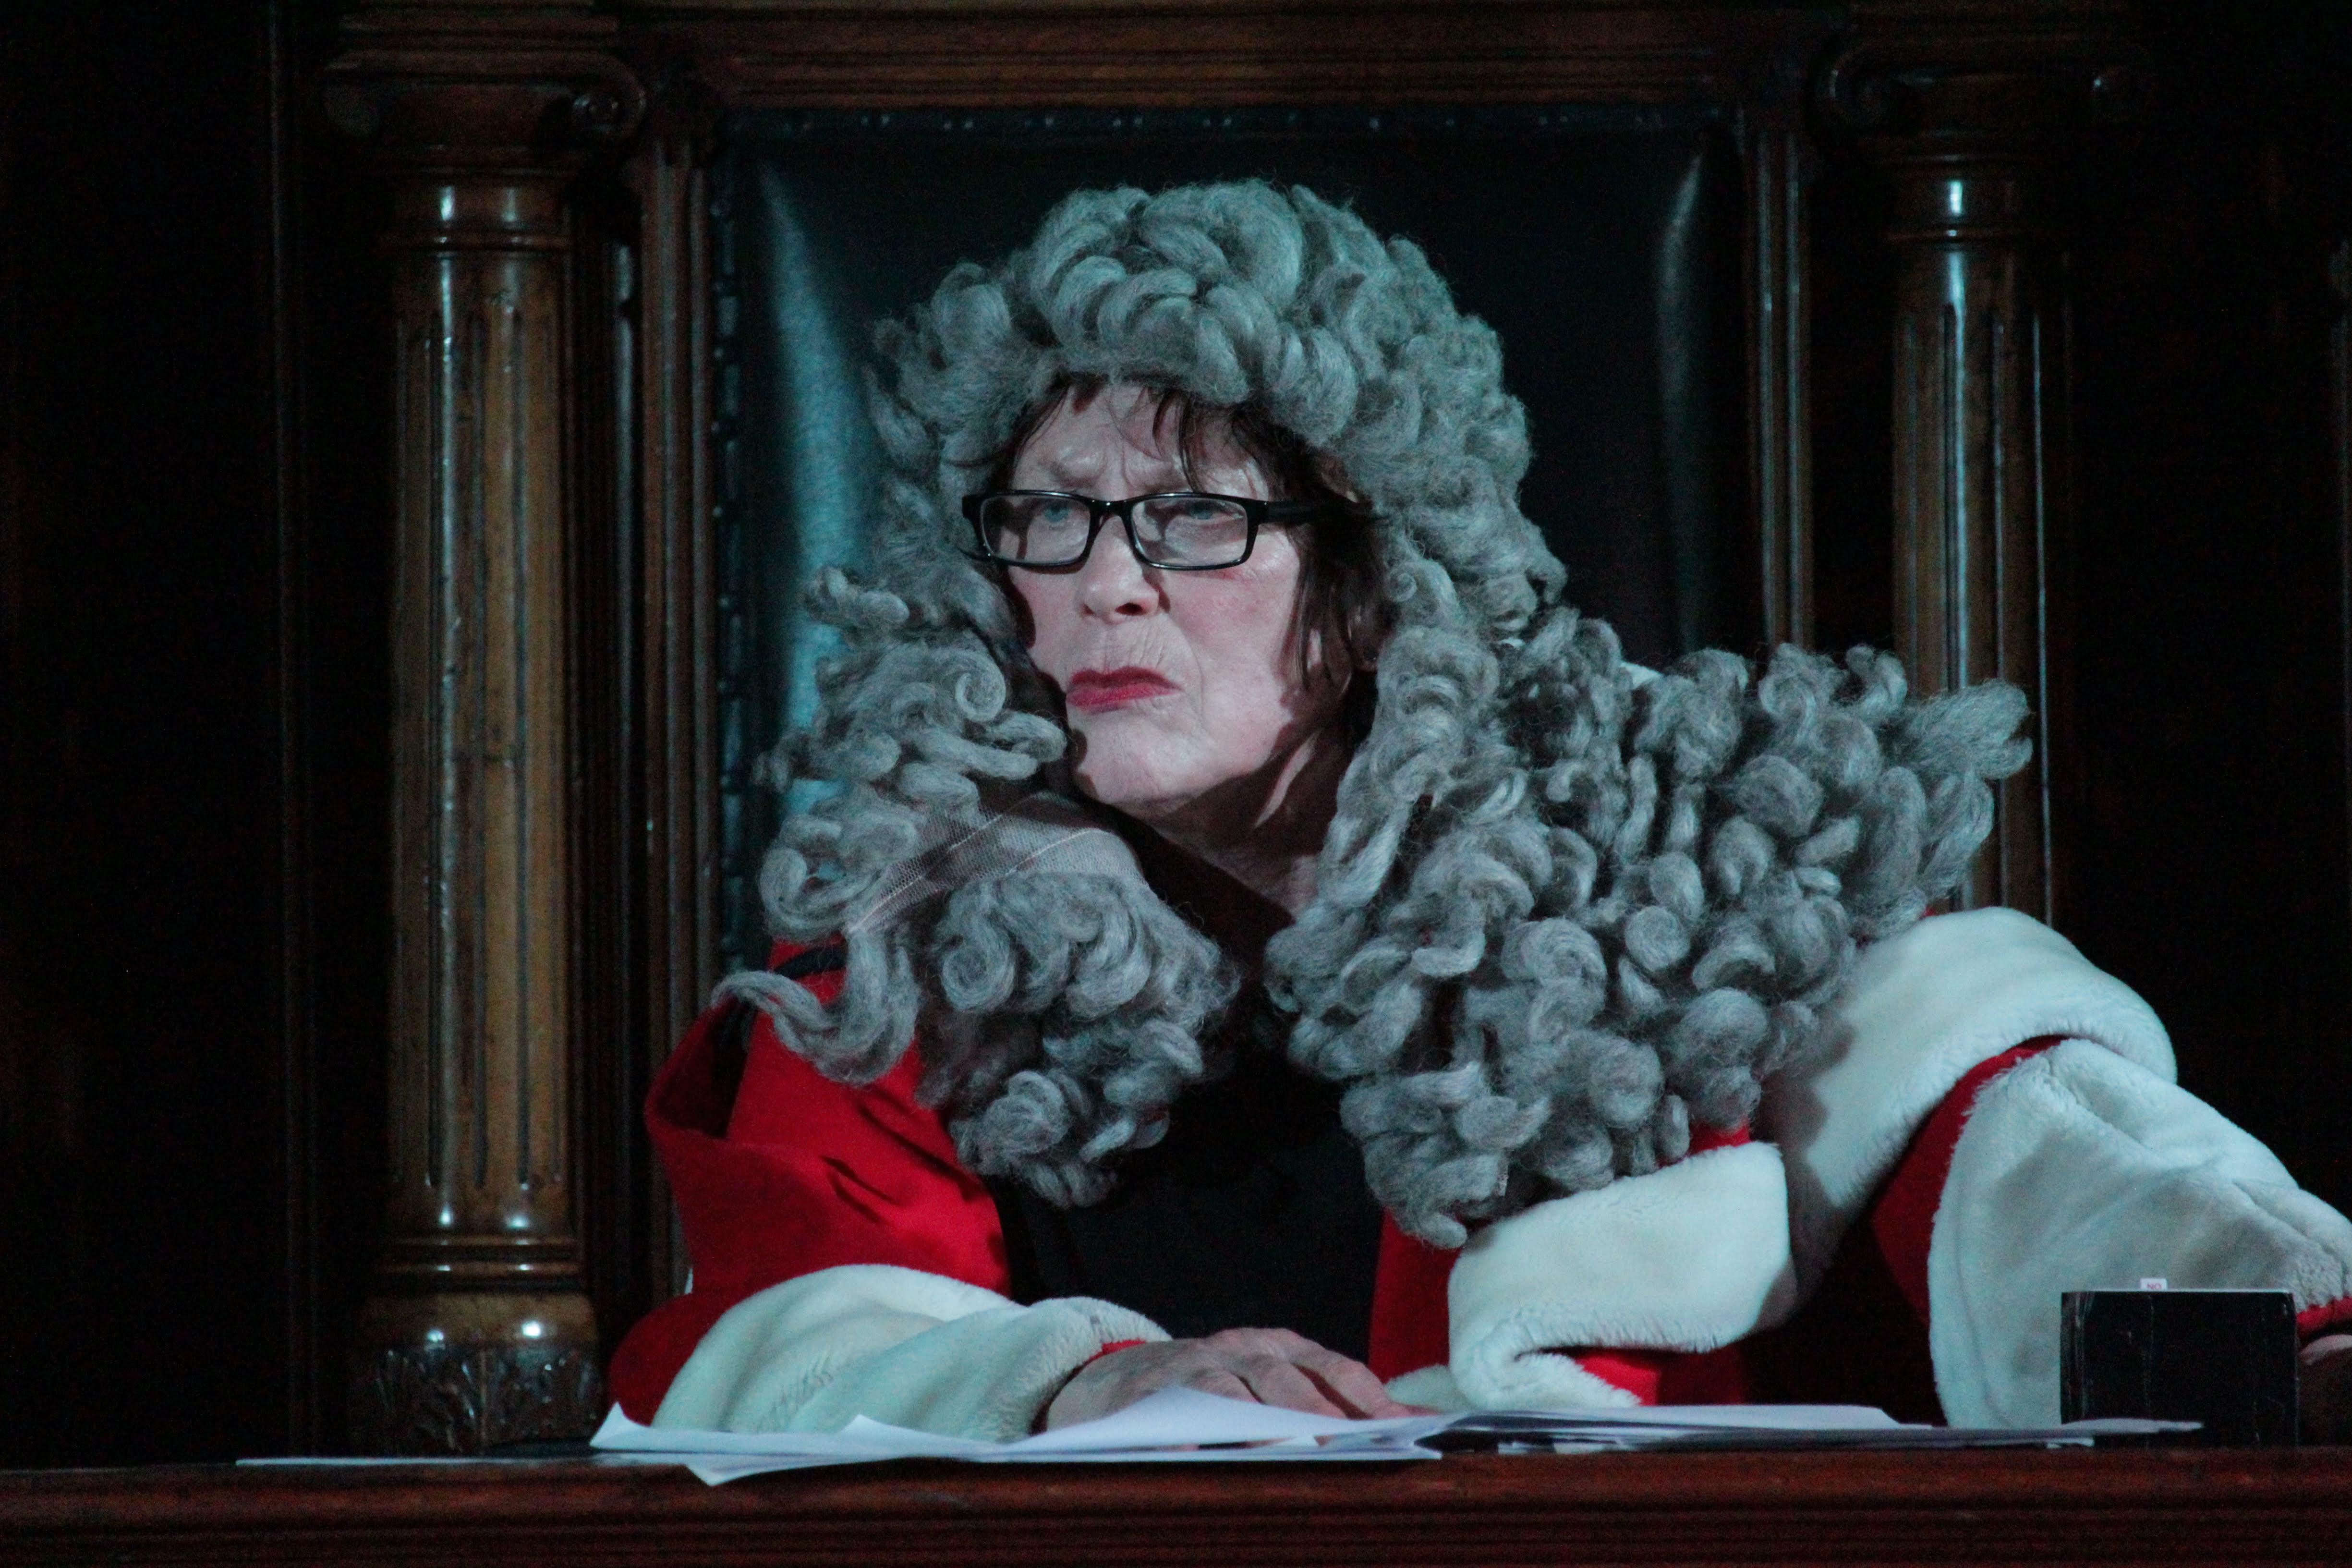 Judge Pat